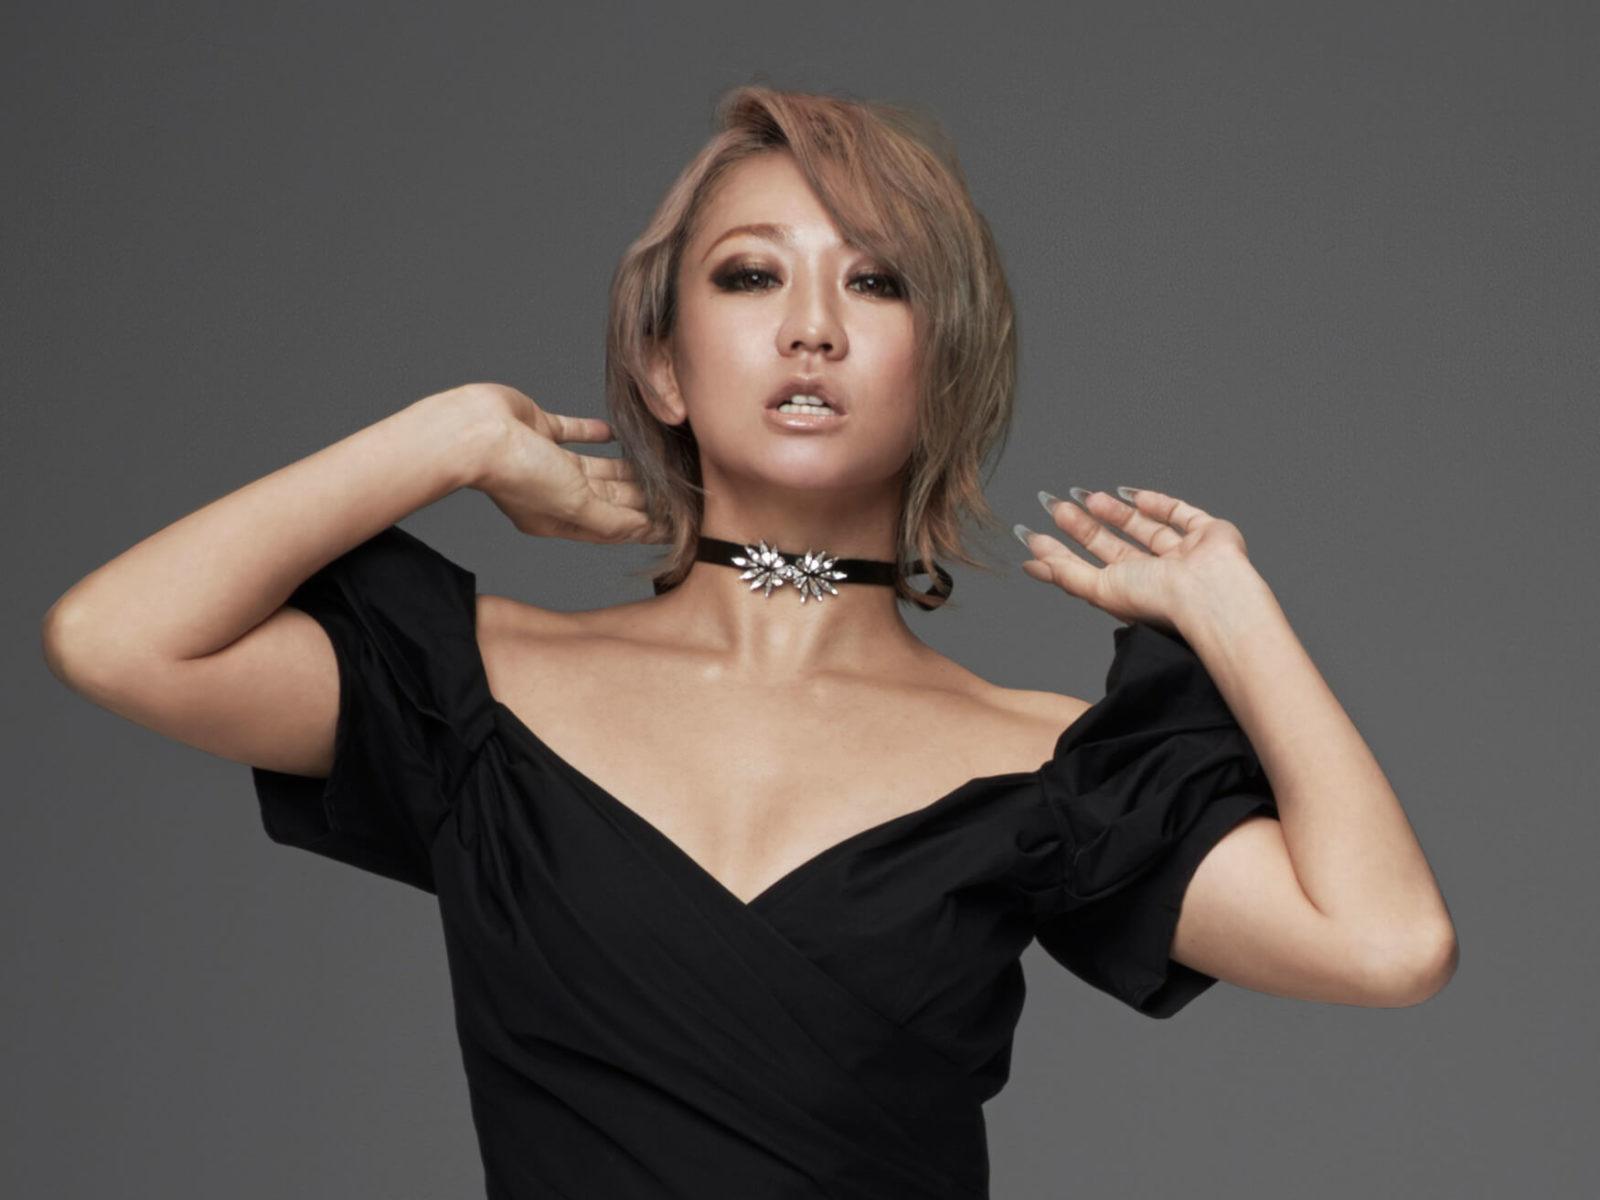 TikTokで人気沸騰!倖田來未「め組のひと」LINE MUSICデイリー1位獲得サムネイル画像